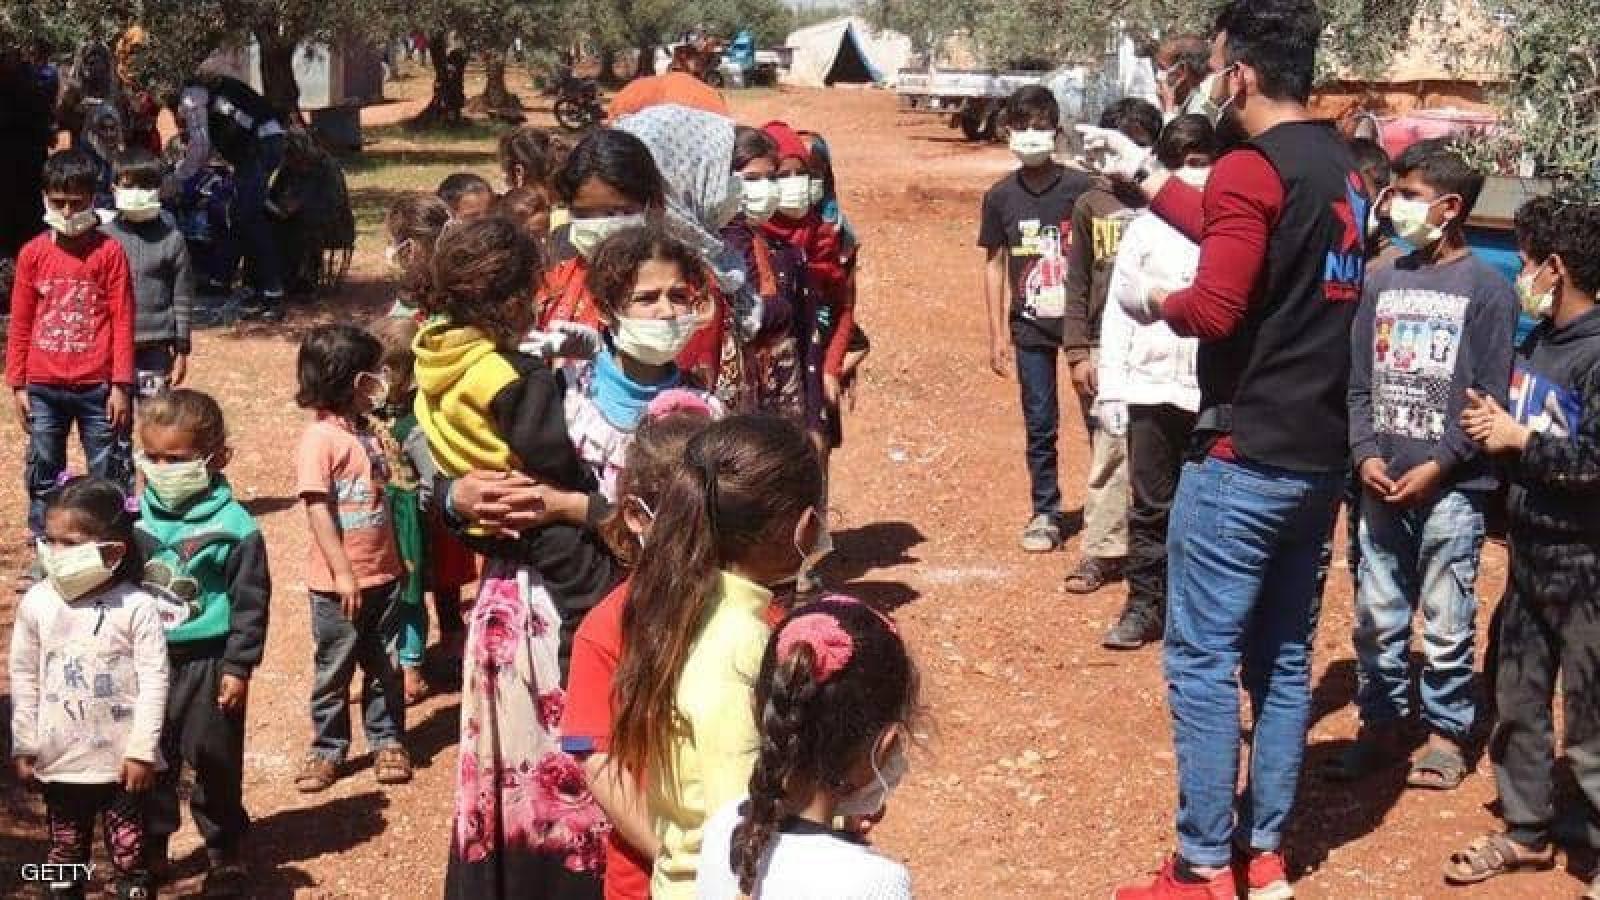 Liên đoàn Arab cảnh báo nguy cơ dịch Covid-19 ở các trại tị nạn Syria